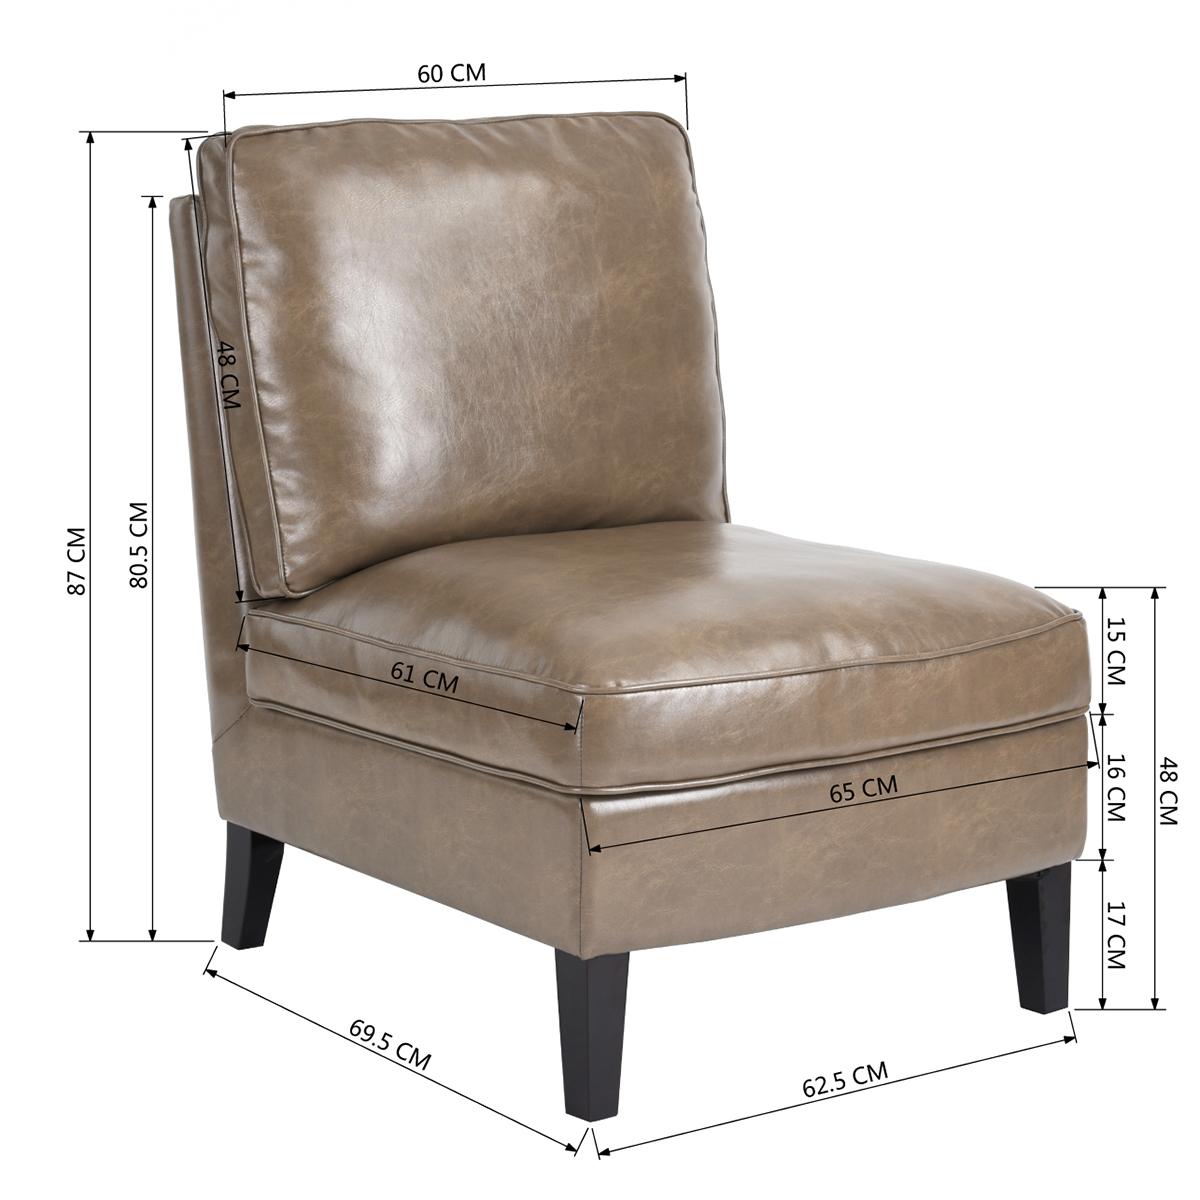 chauffeuse chaise s jour simili marron bois massif noir r tro vintage scandinave ebay. Black Bedroom Furniture Sets. Home Design Ideas